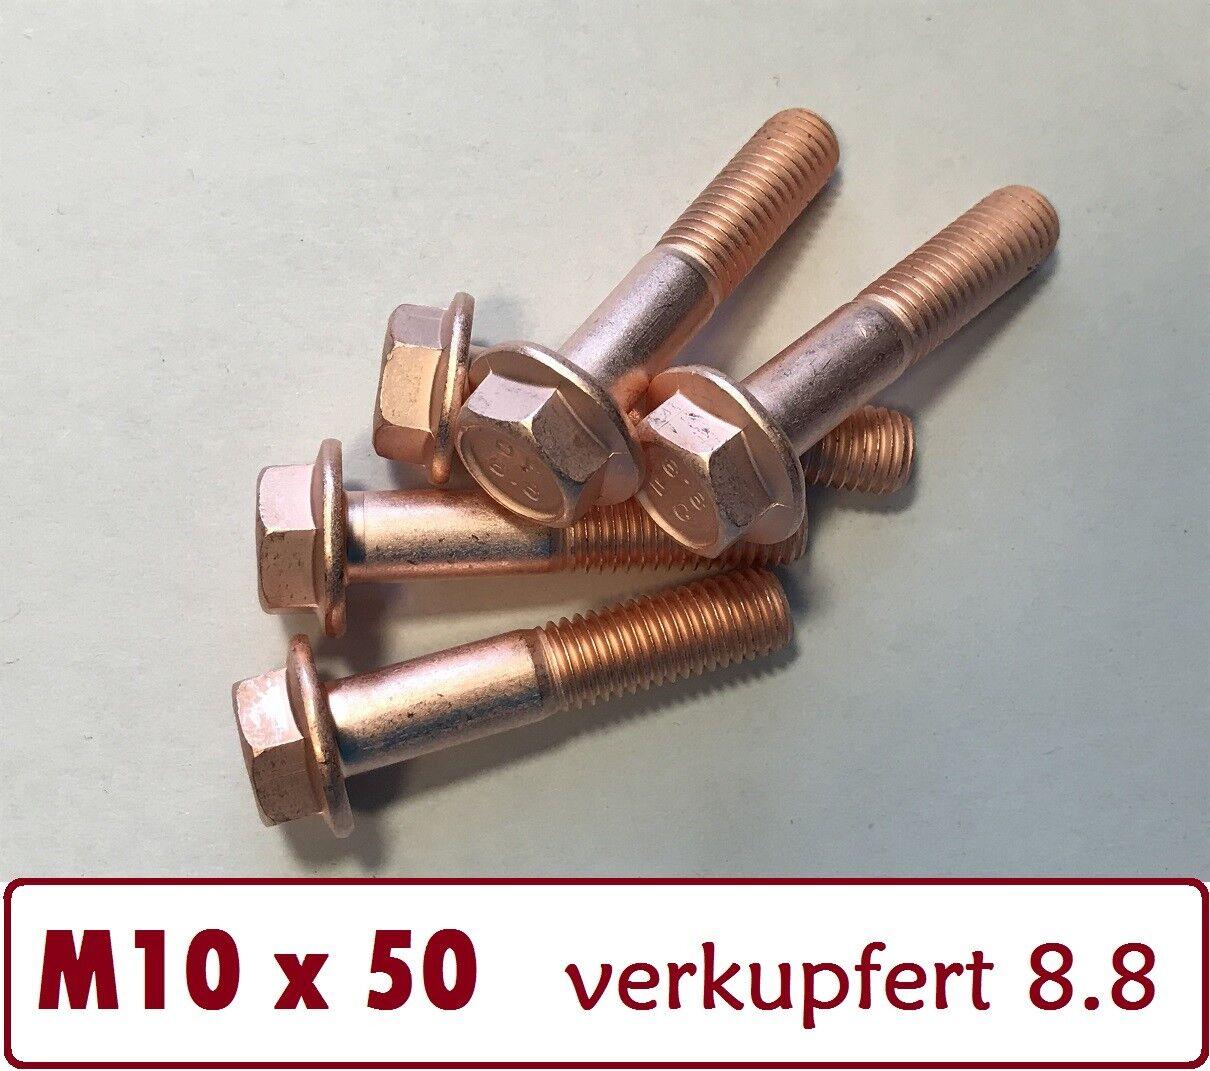 RAL 7024 Trapezblechschrauben 4,8x35